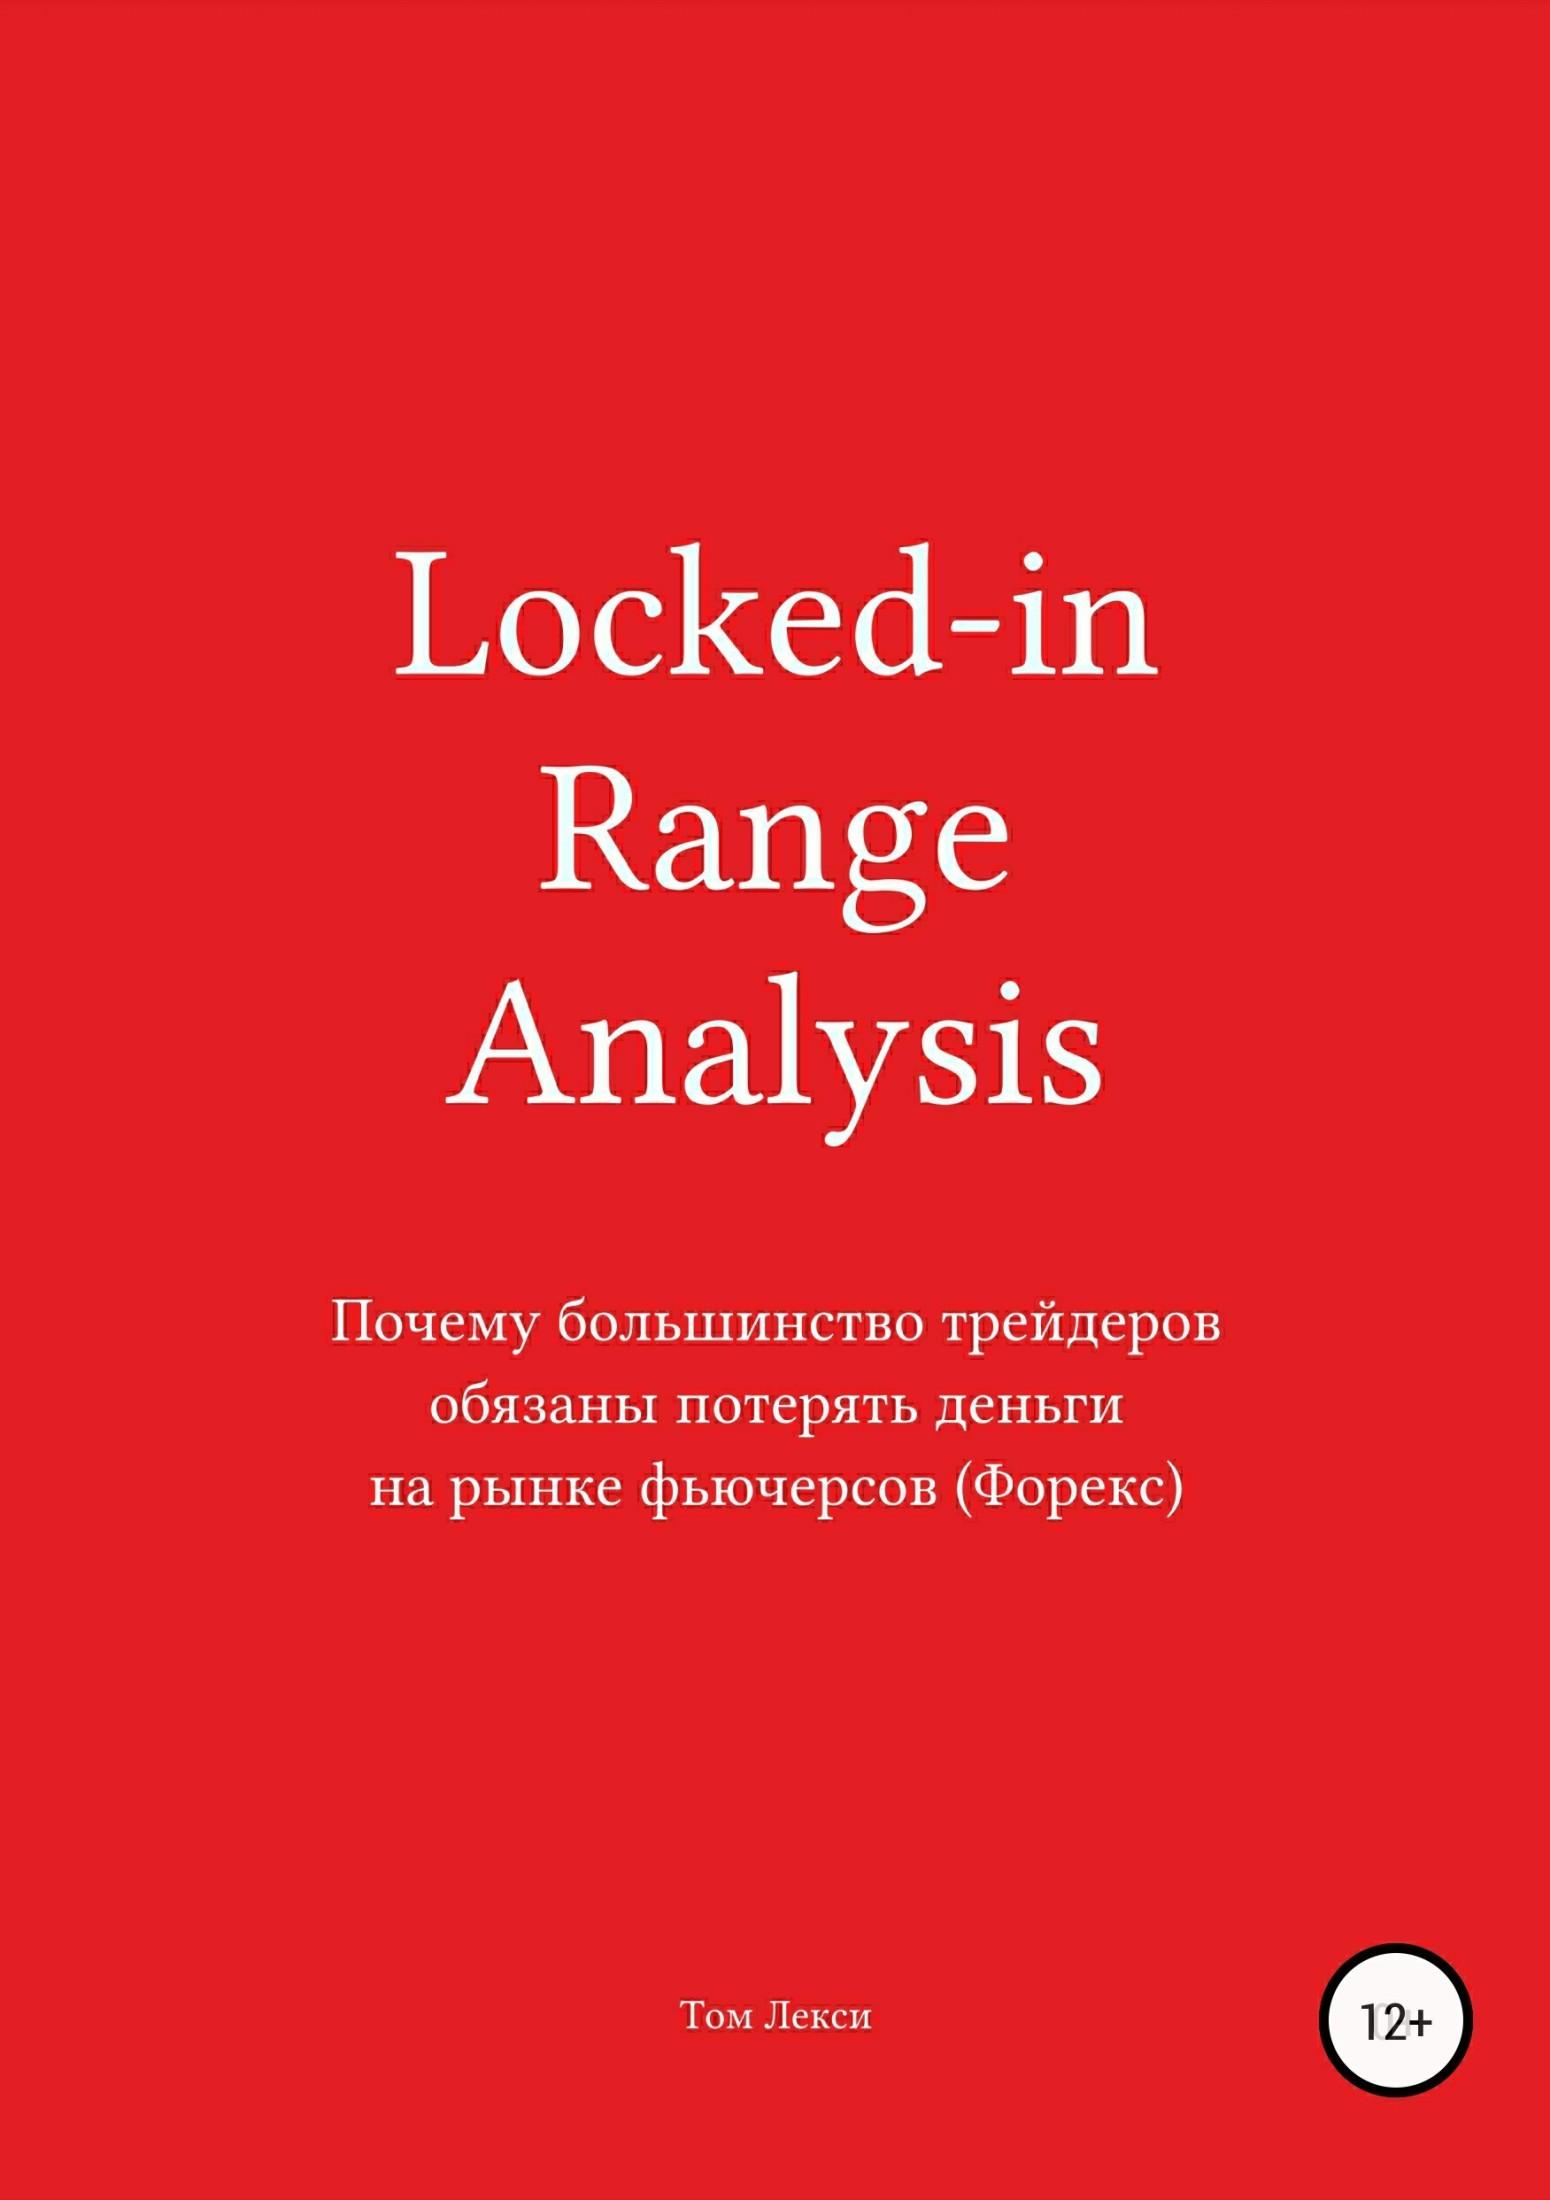 фото обложки издания Locked-in Range Analysis: Почему большинство трейдеров обязаны потерять деньги на рынке фьючерсов (Форекс)